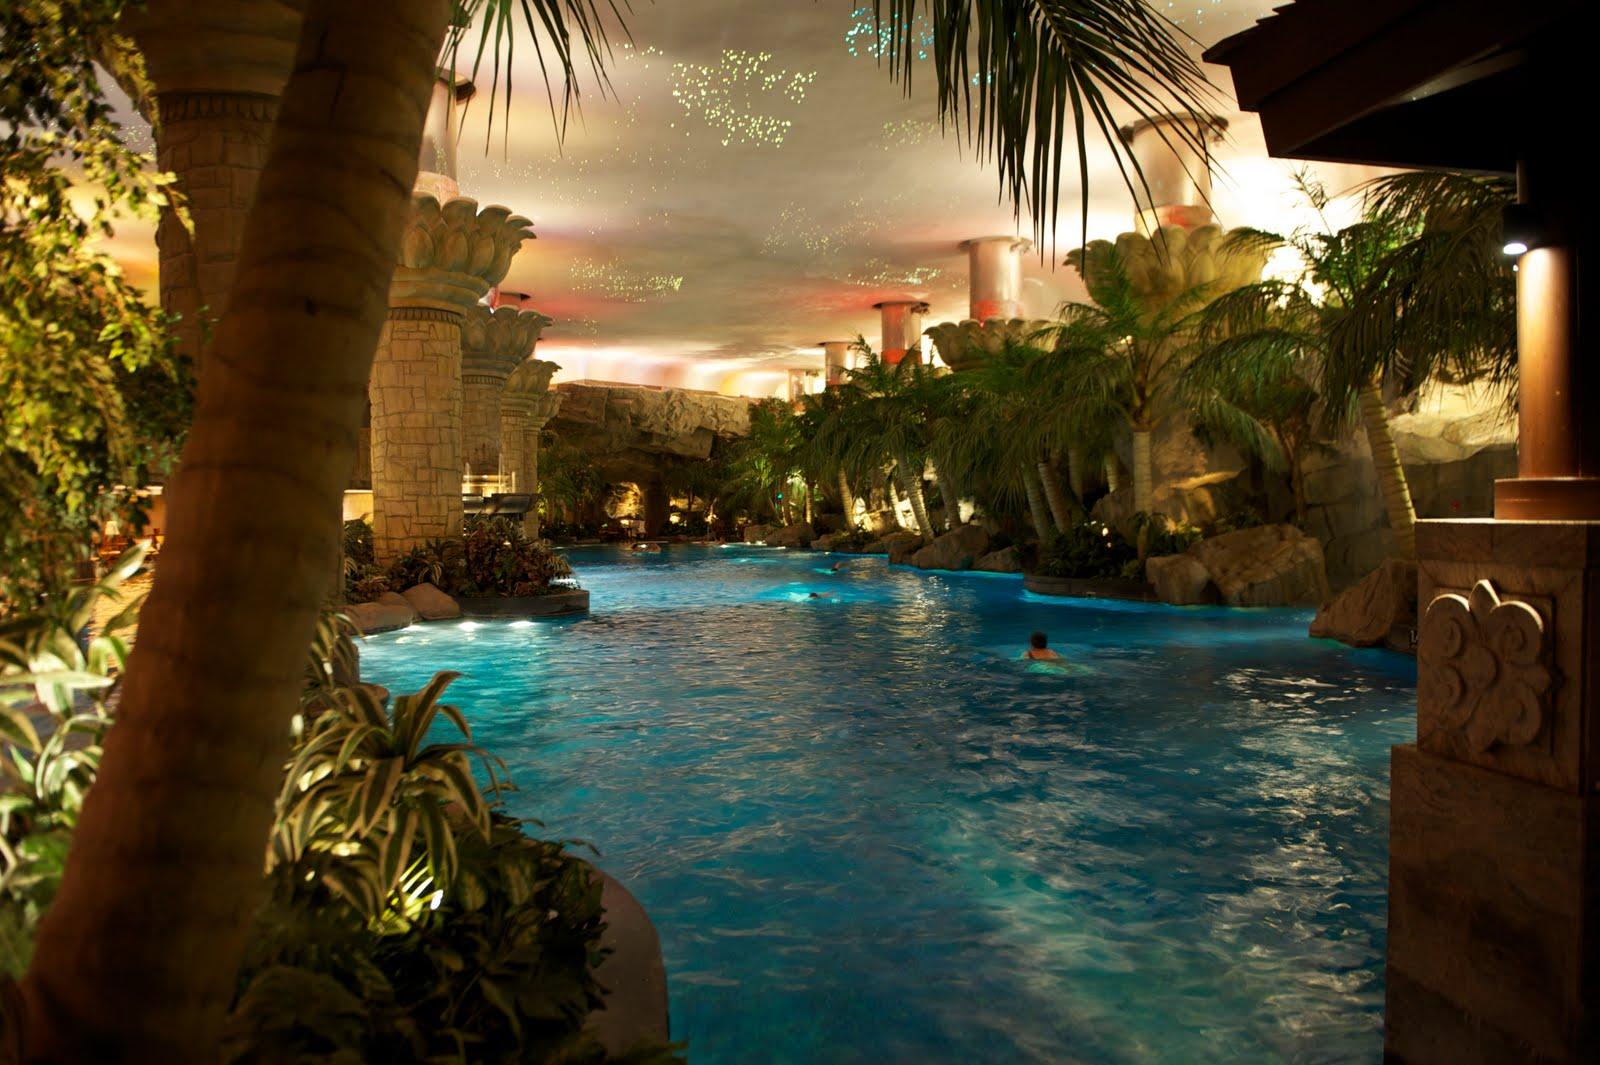 Brommel august 2010 for Grand hyatt beijing swimming pool